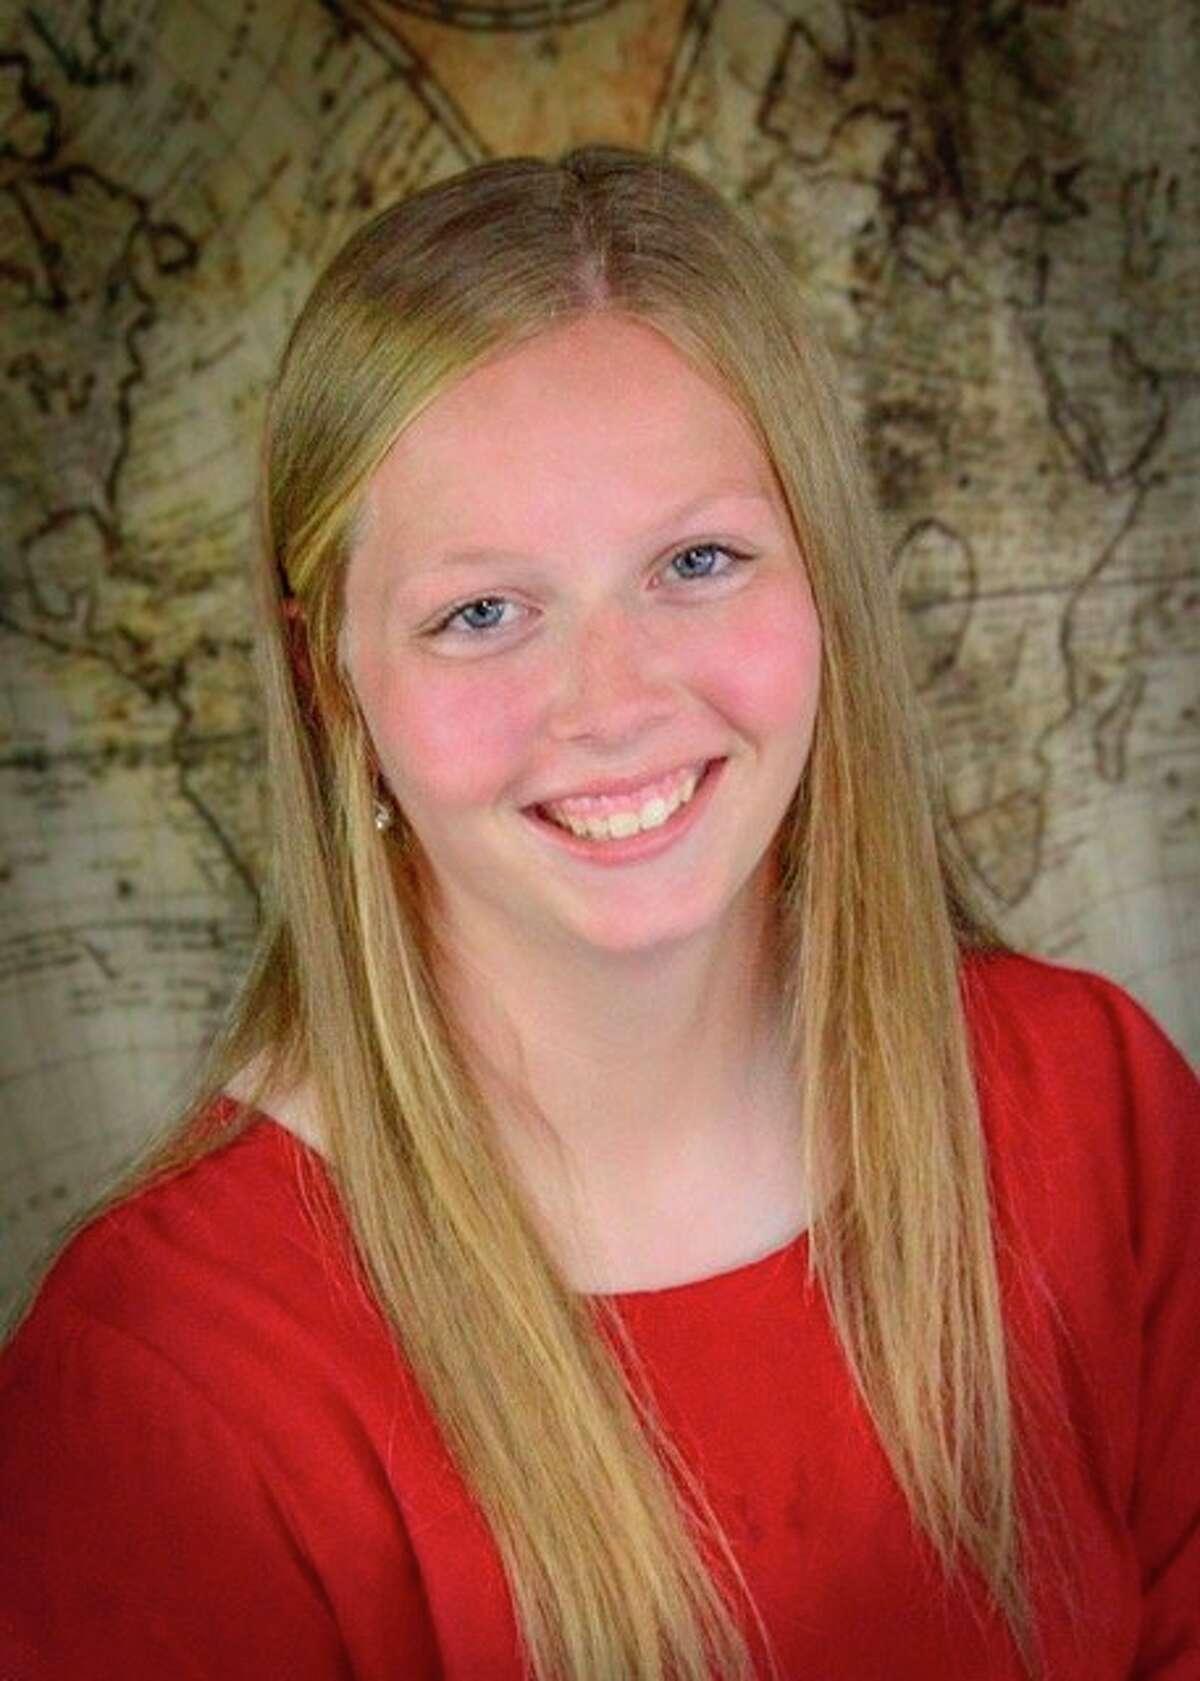 Katelyn Sweeney (Courtesy Photo)